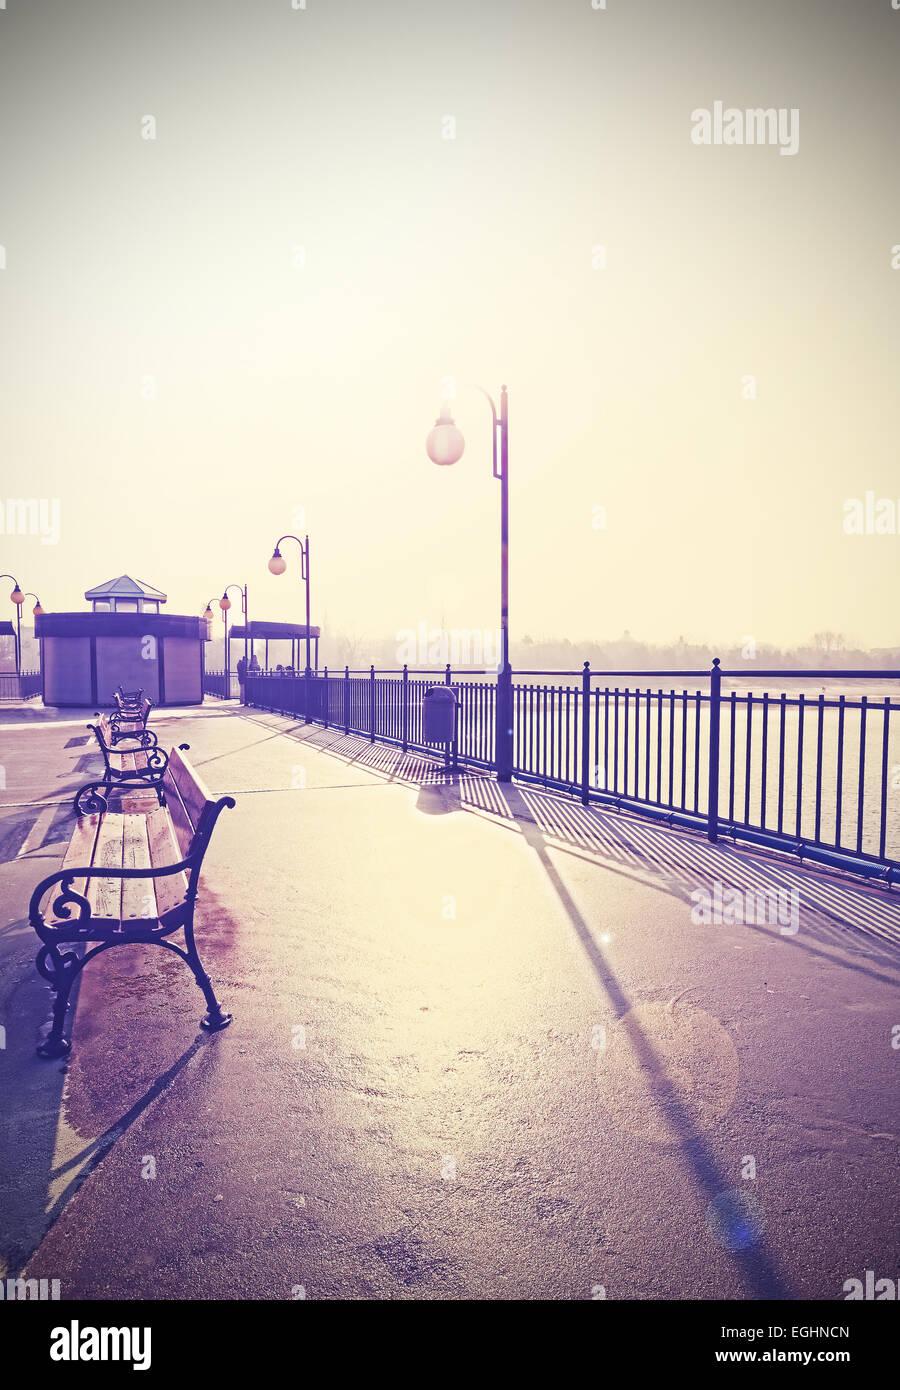 Vintage Retro nostálgico filtrada imagen del paseo marítimo con los brillos de la lente. Imagen De Stock